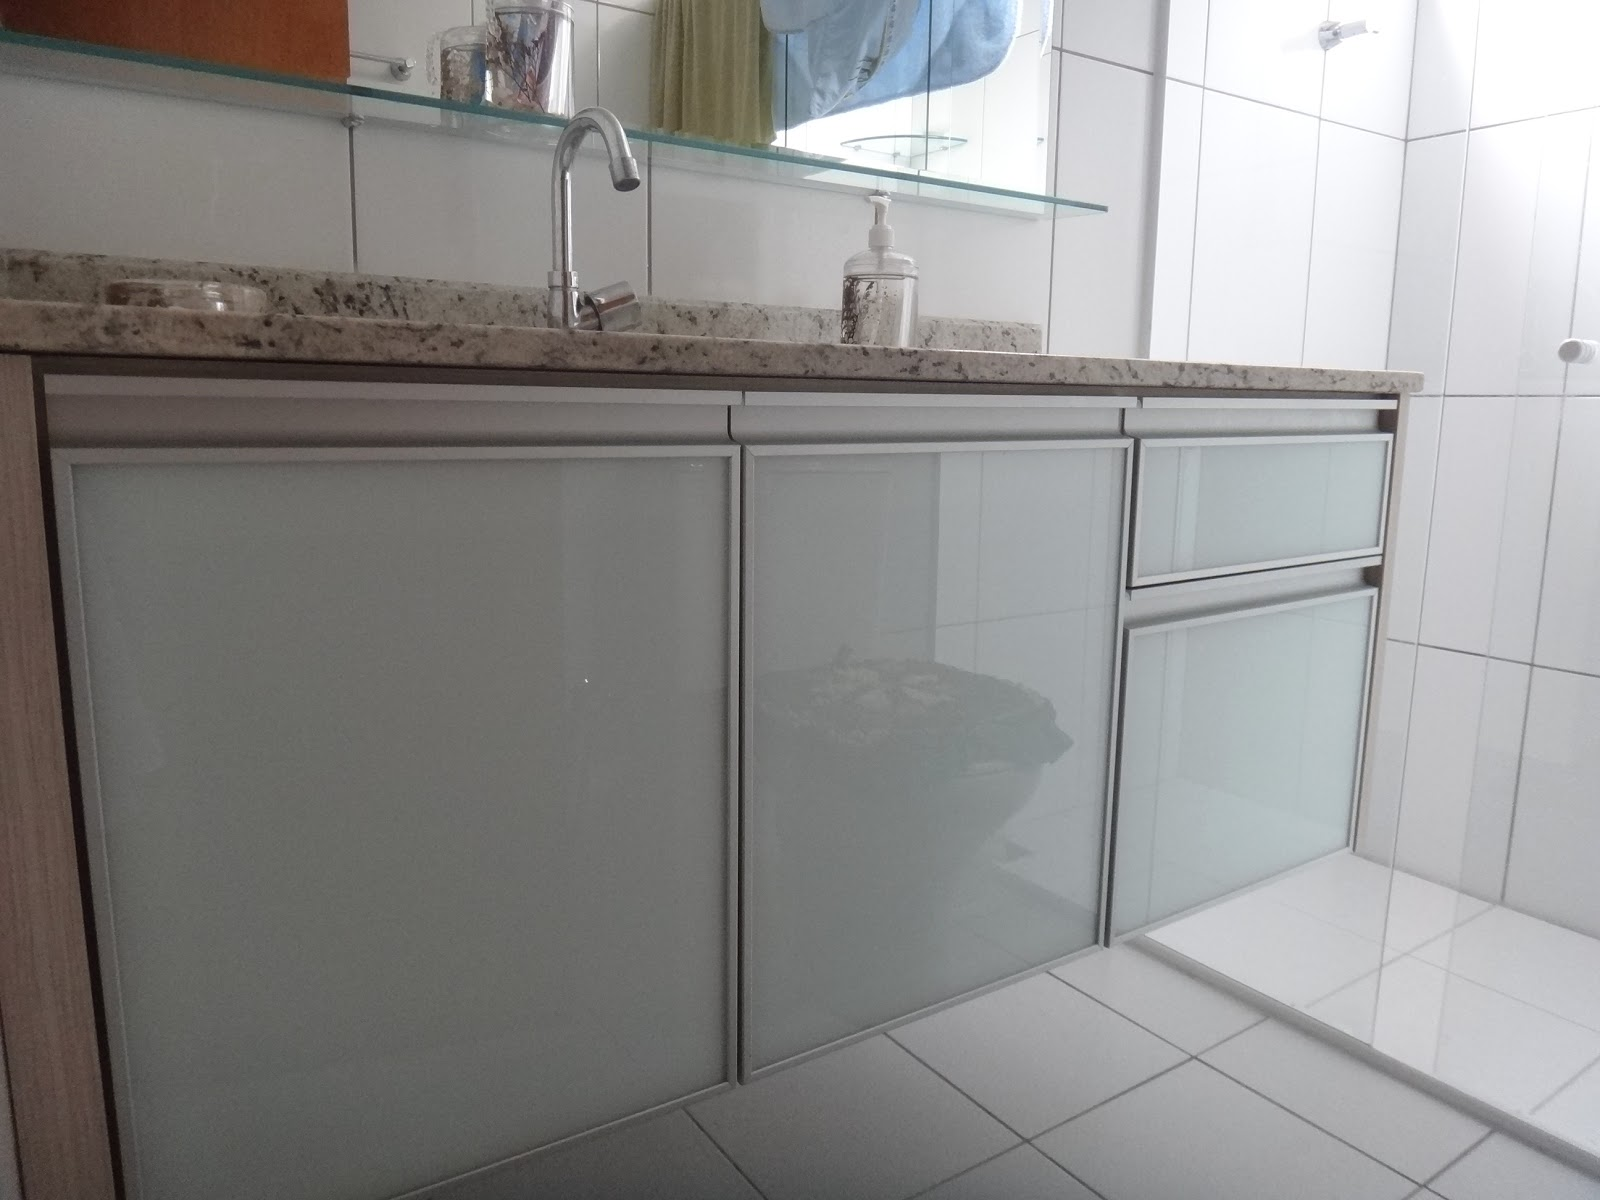 #5D4941  Personalizada: Banheiros com portas de vidro e alumínio Jd. Camburi 1600x1200 px toucador de banheiro de vidro